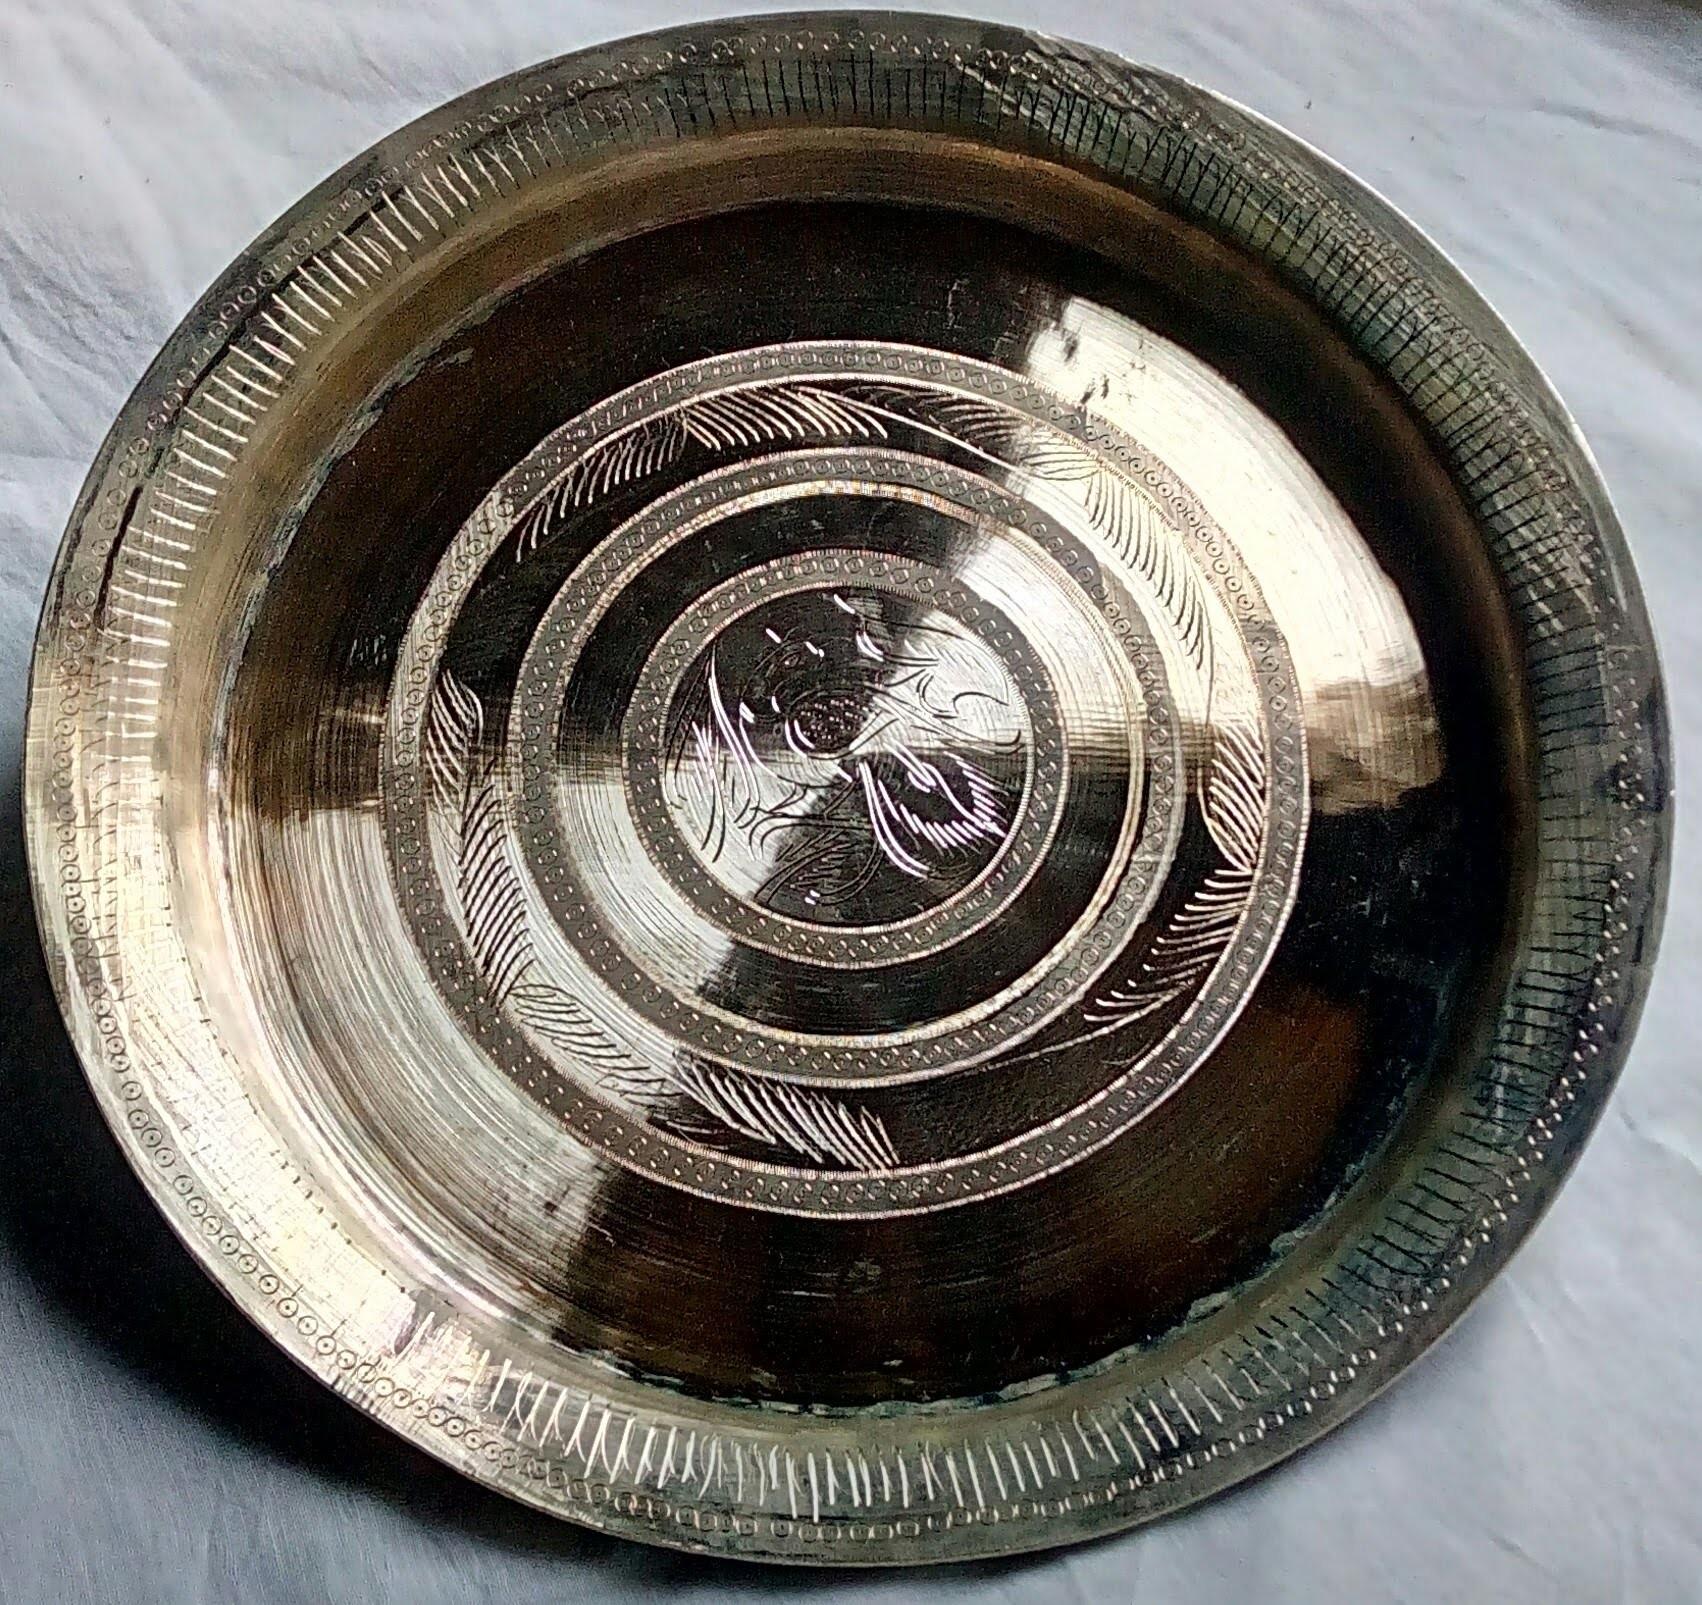 Handicraft Bell Metal Sonamukhi Plate/Dish (Kahi) - 700gm